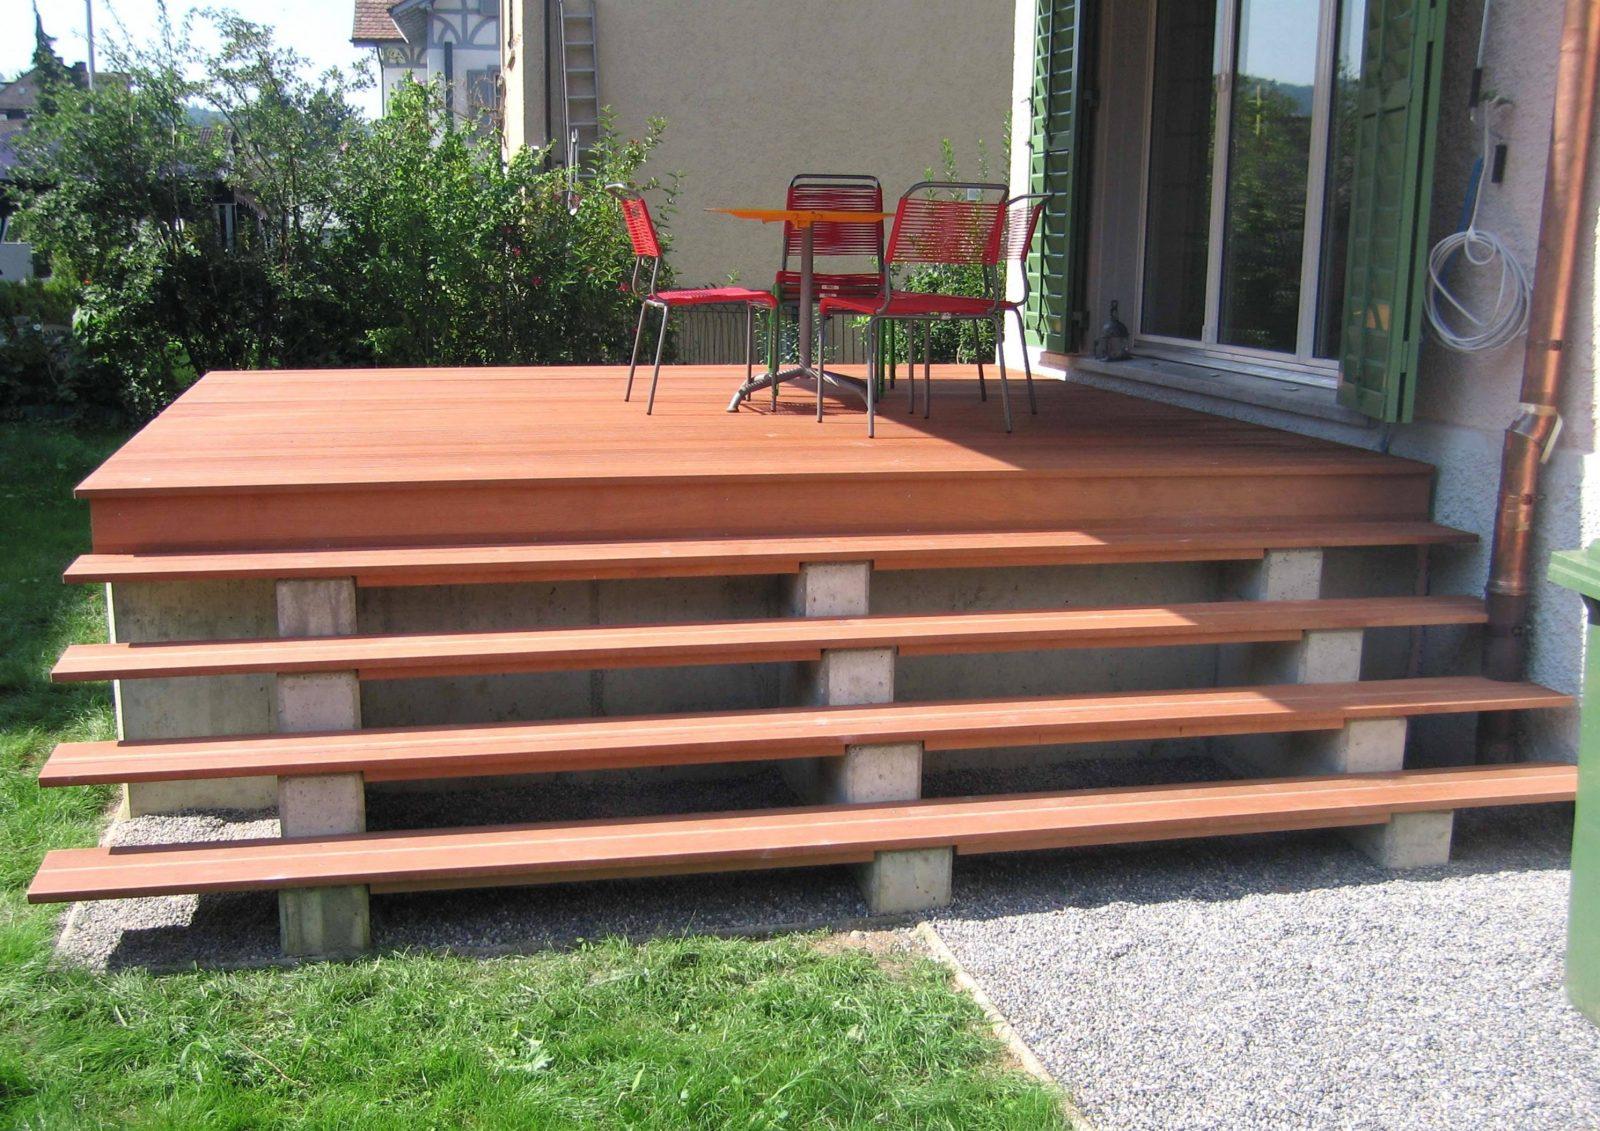 Treppe Bauen Luxus Fantastische Inspiration Terrassen Treppen Von von Treppe Im Garten Selbst Bauen Photo